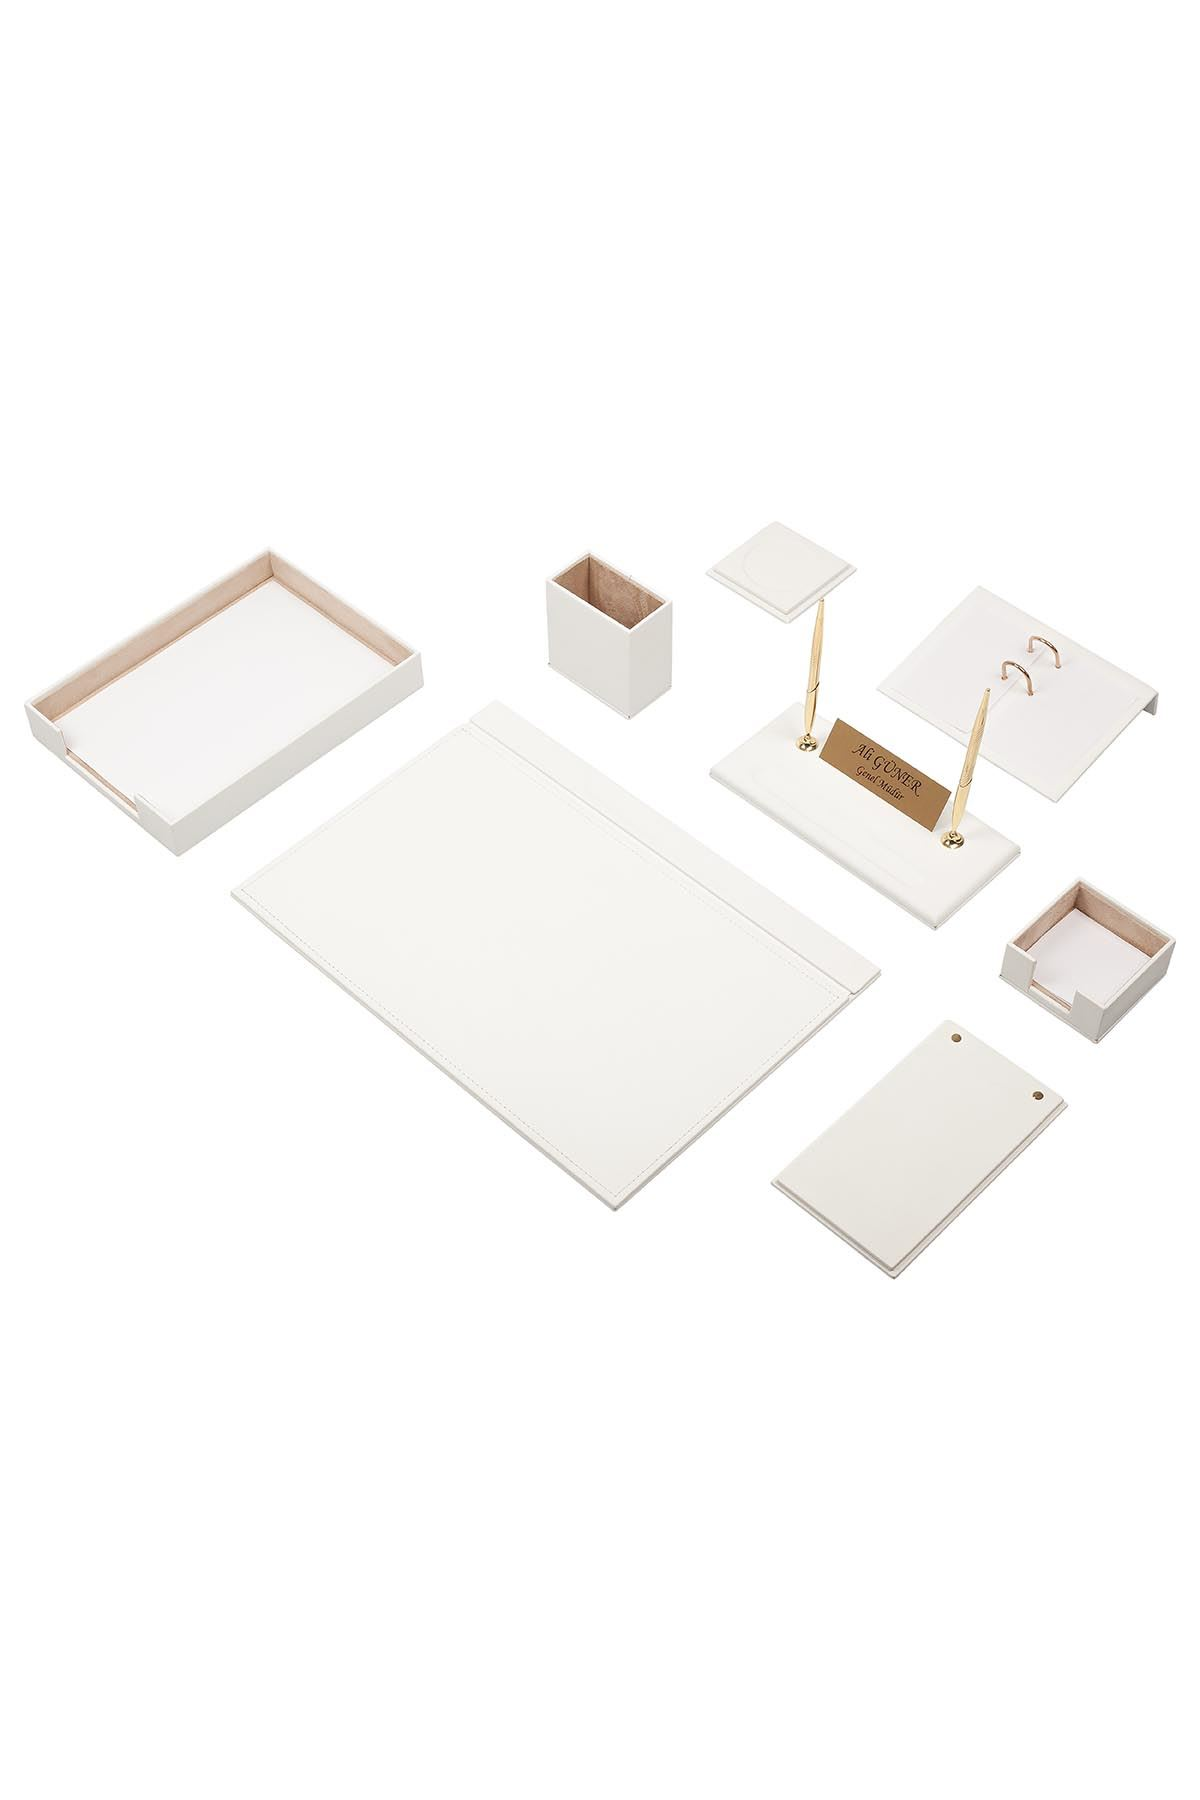 Leather Desk Organizer 10 Accessories White